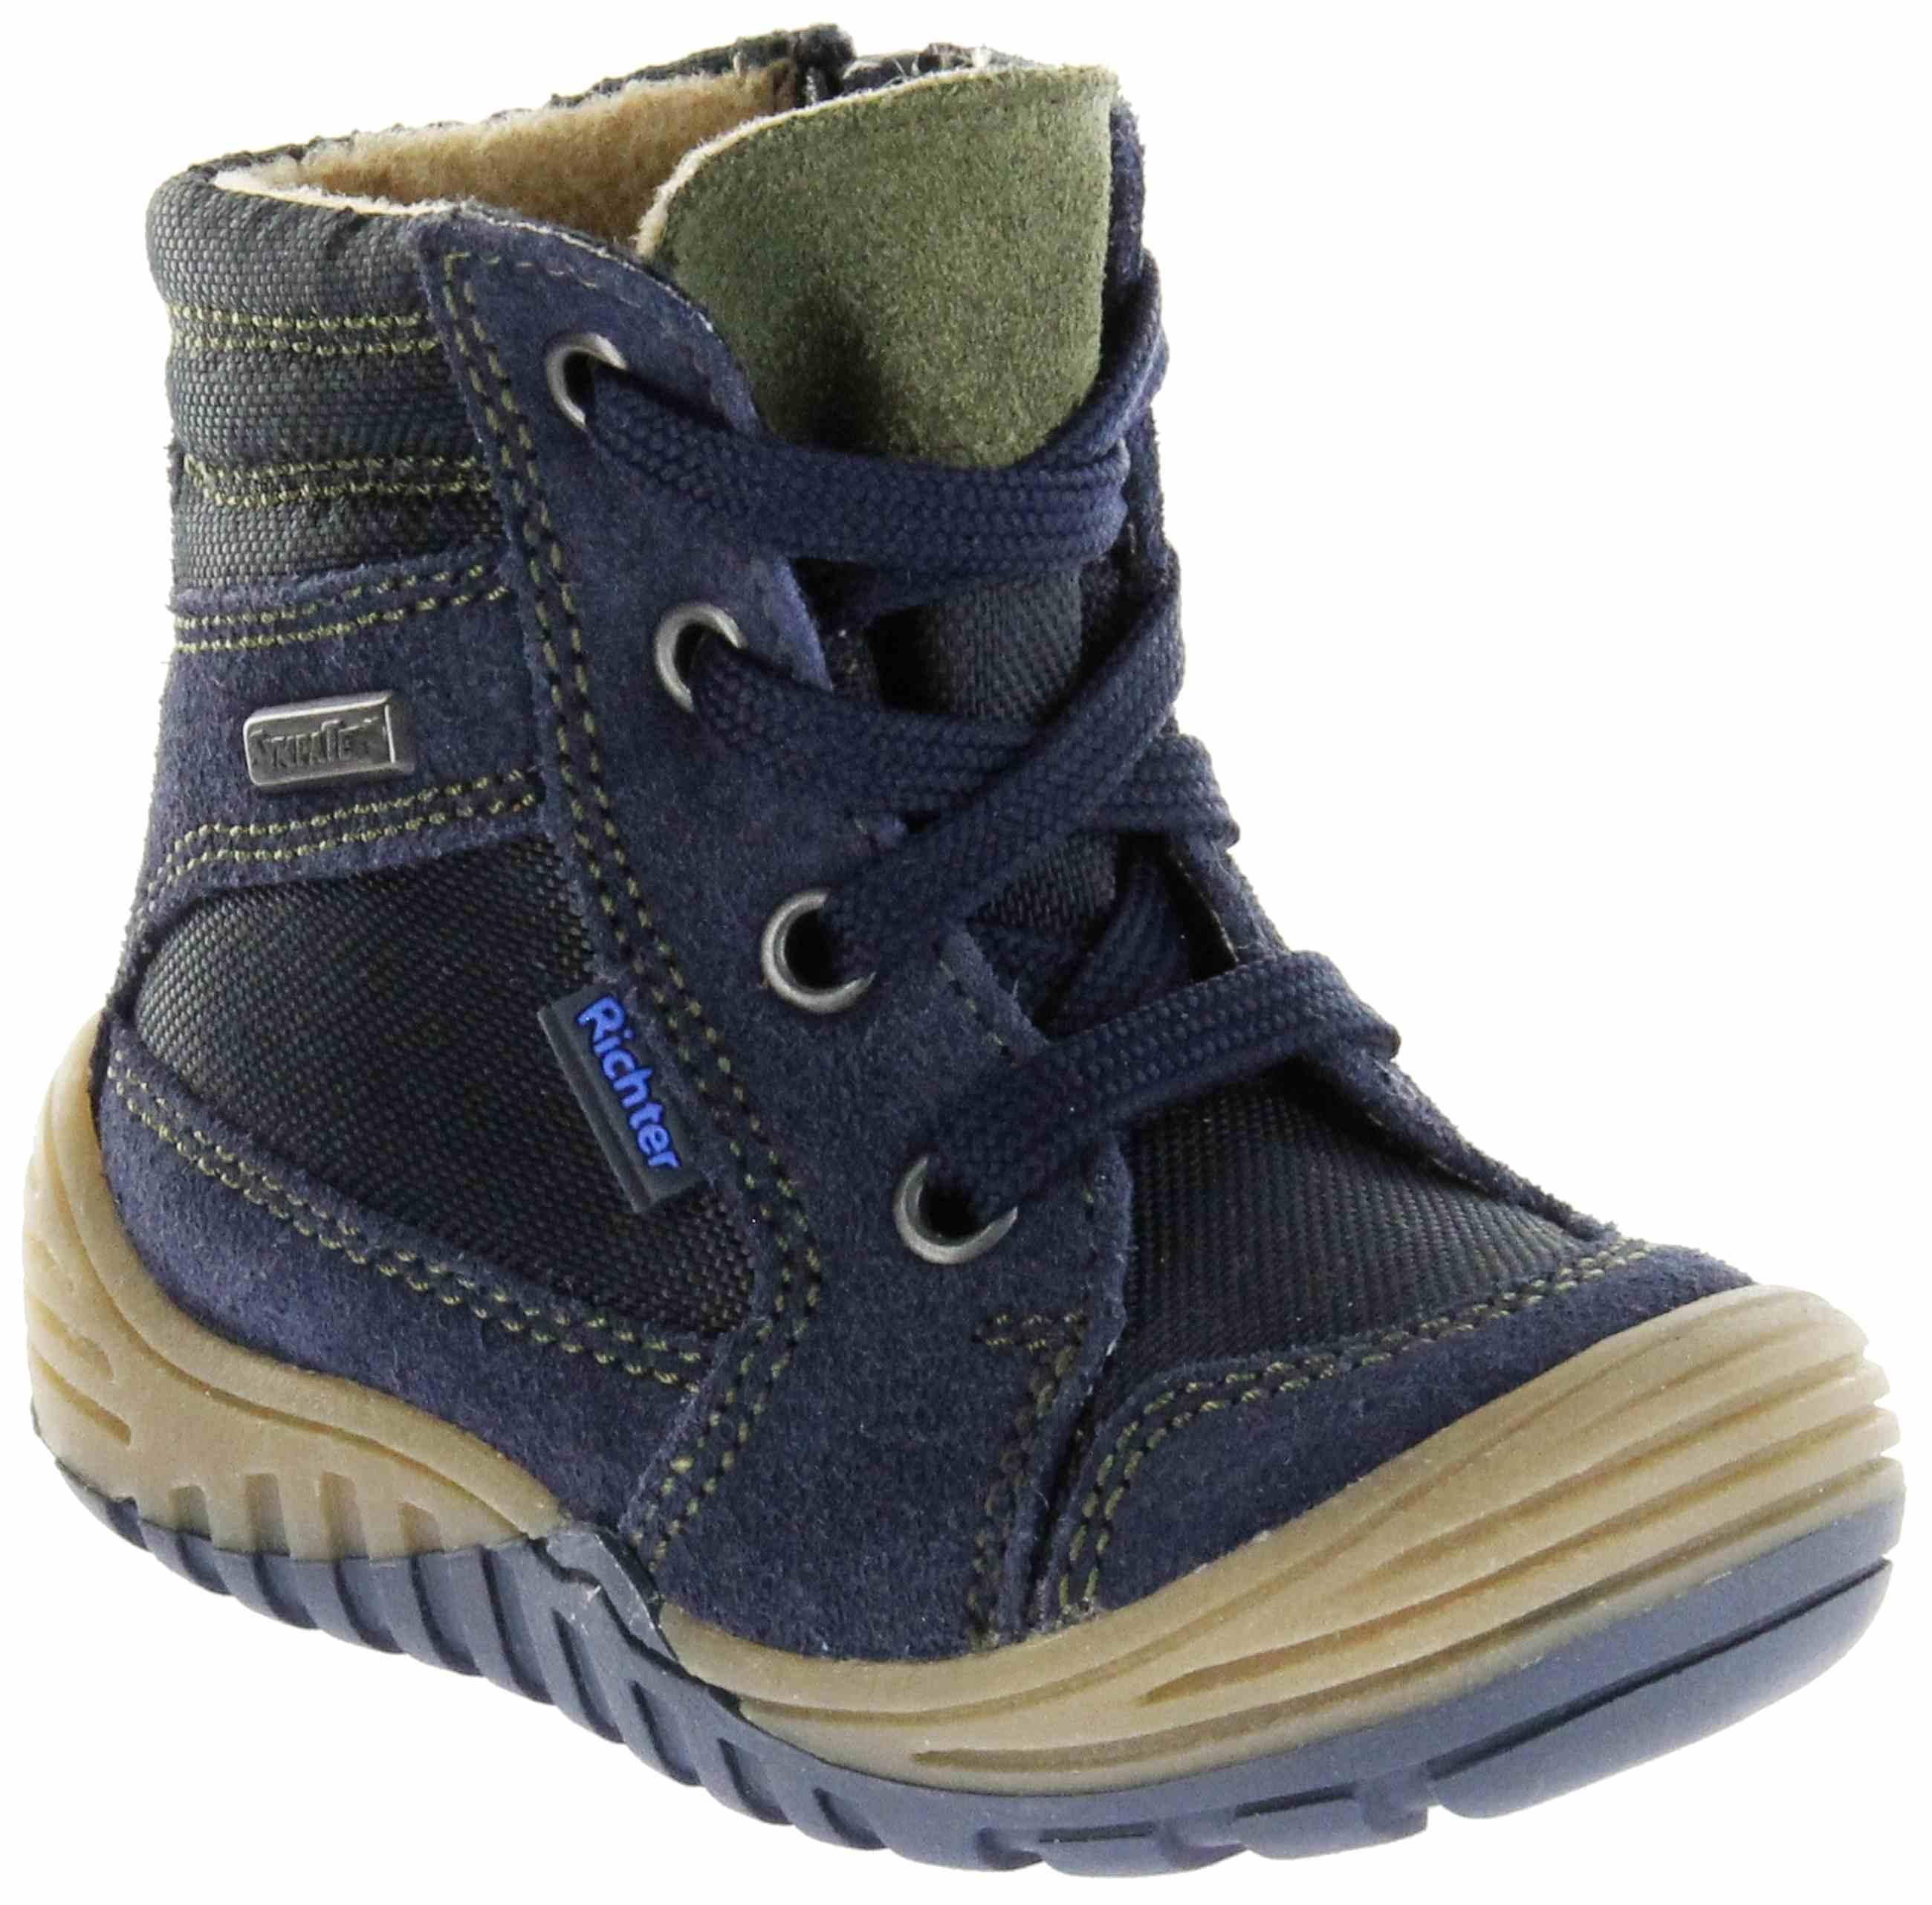 ausgewähltes Material retro Premium-Auswahl Richter Kinder Lauflerner-Stiefel Velour Warm blau SympaTex Jungen Schuhe  1021-441-7201 atlantic Marvis S